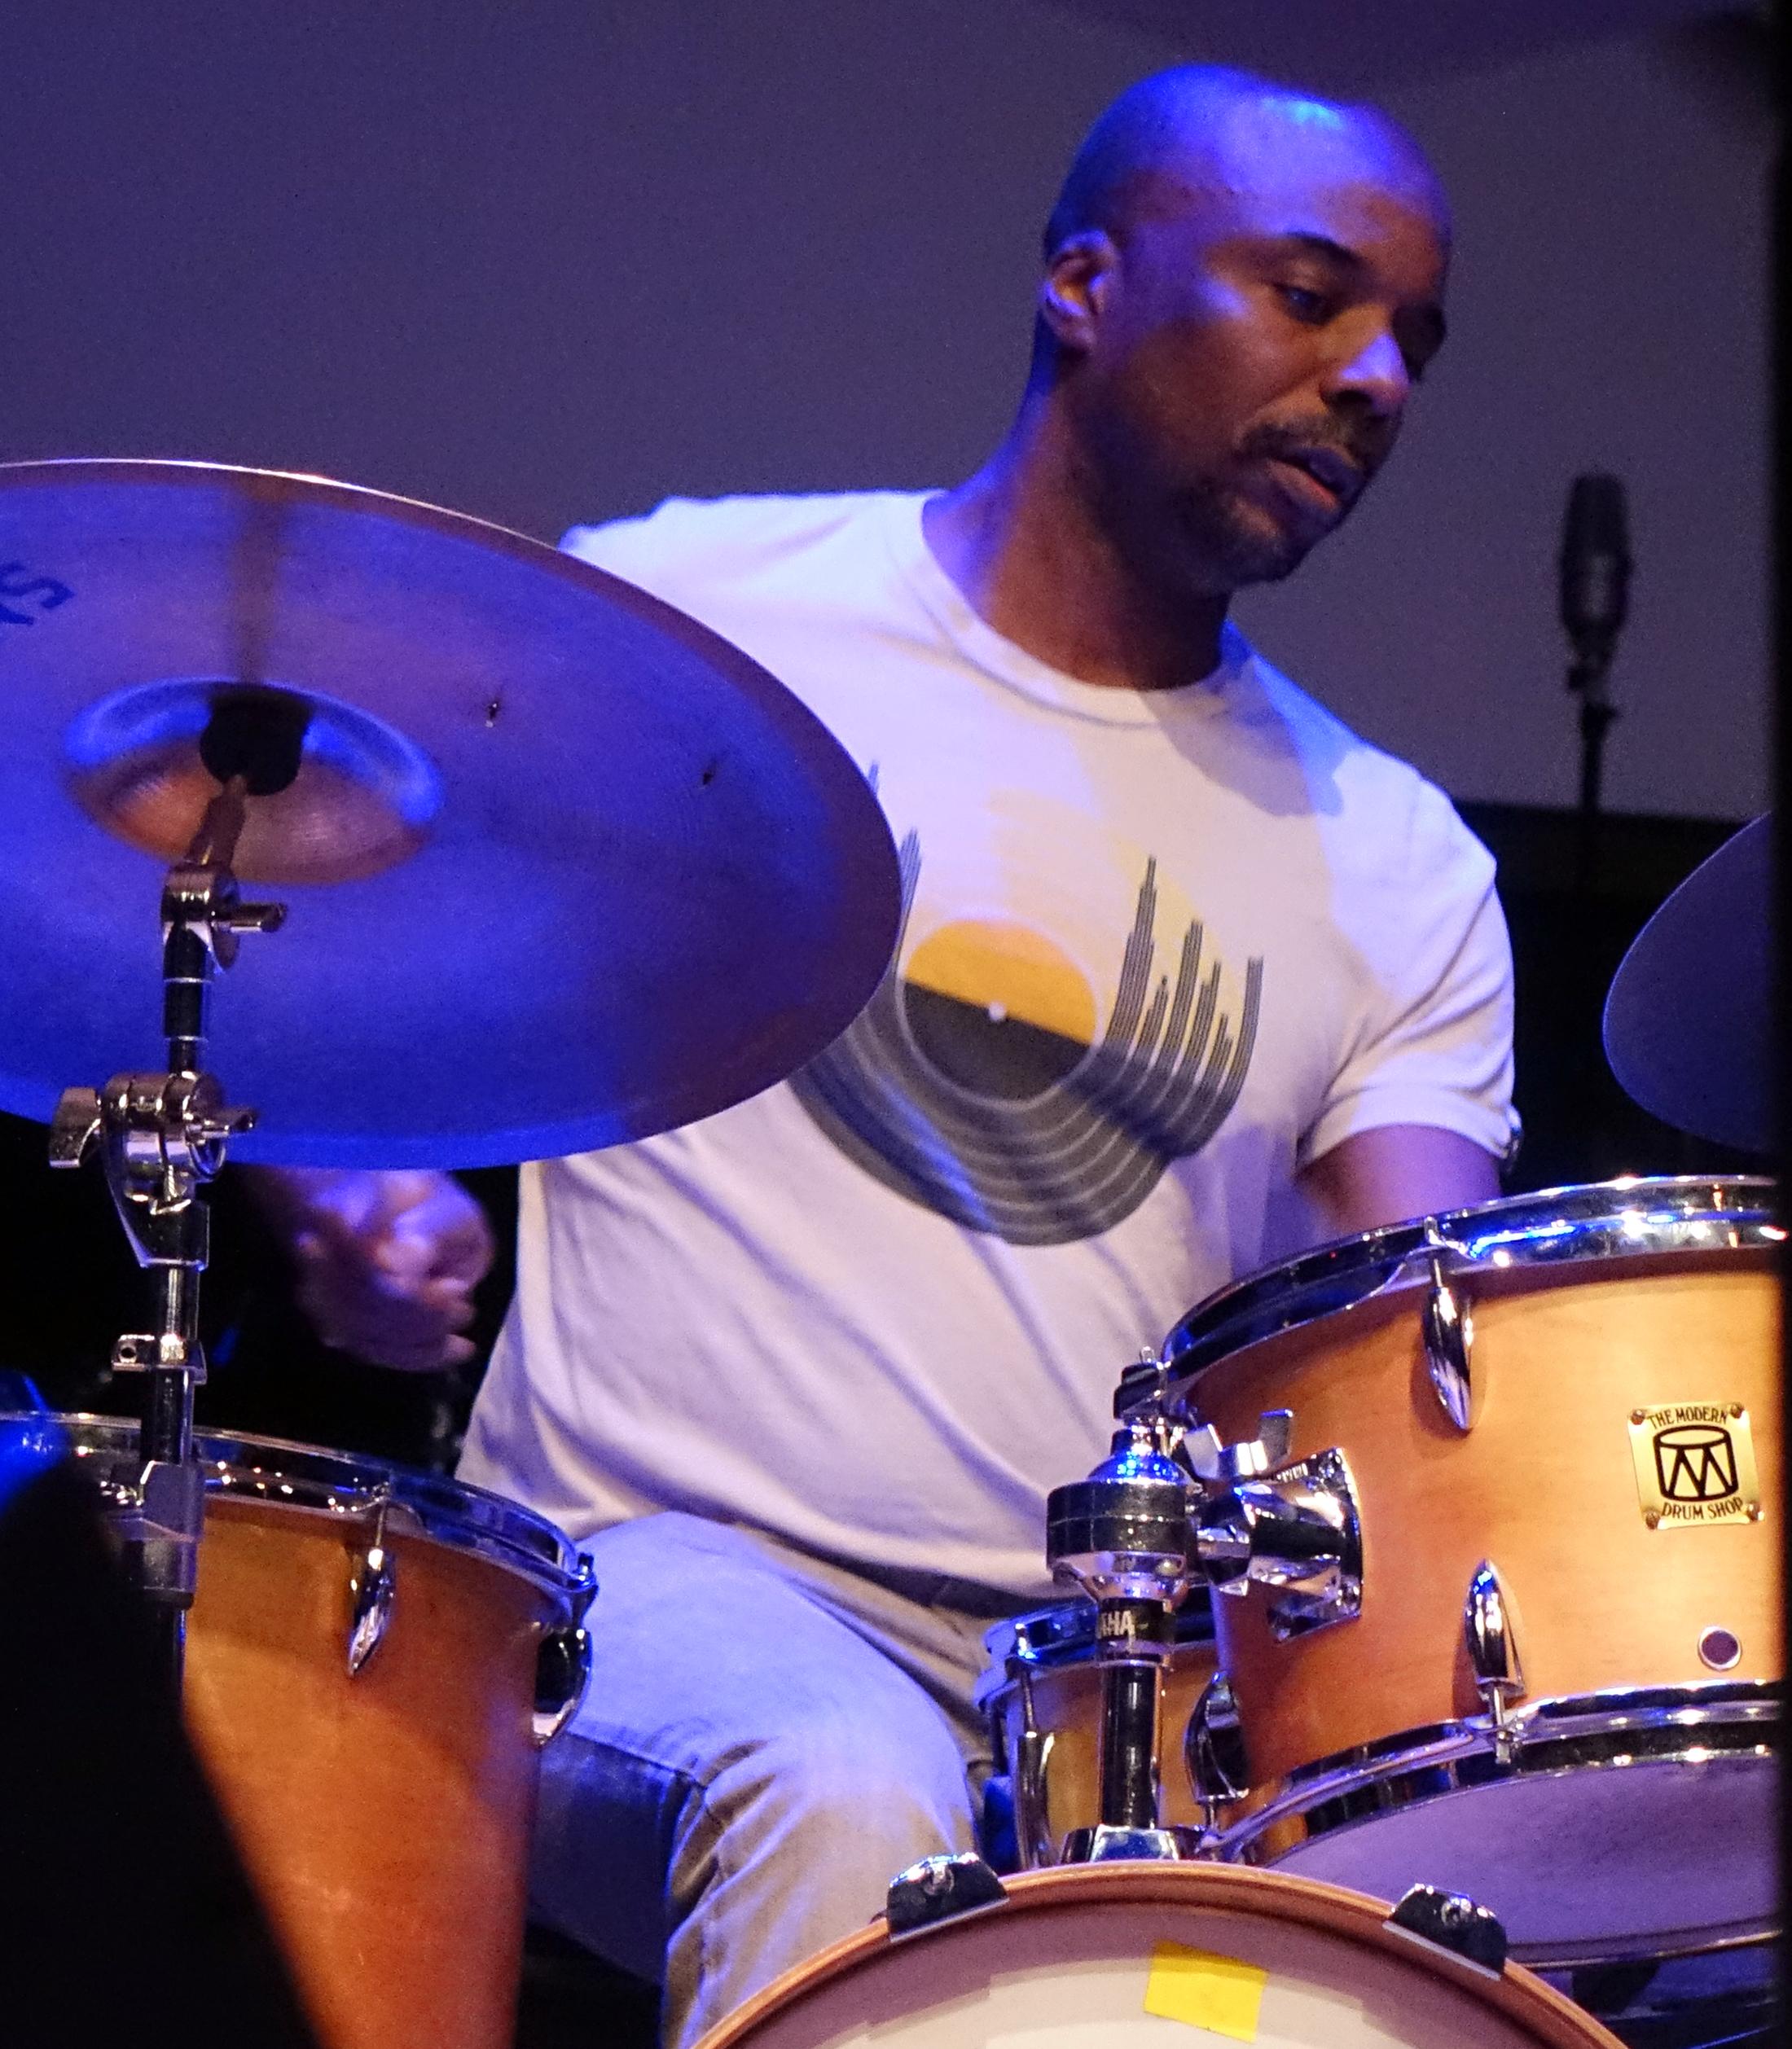 Chad Taylor at Vision 23